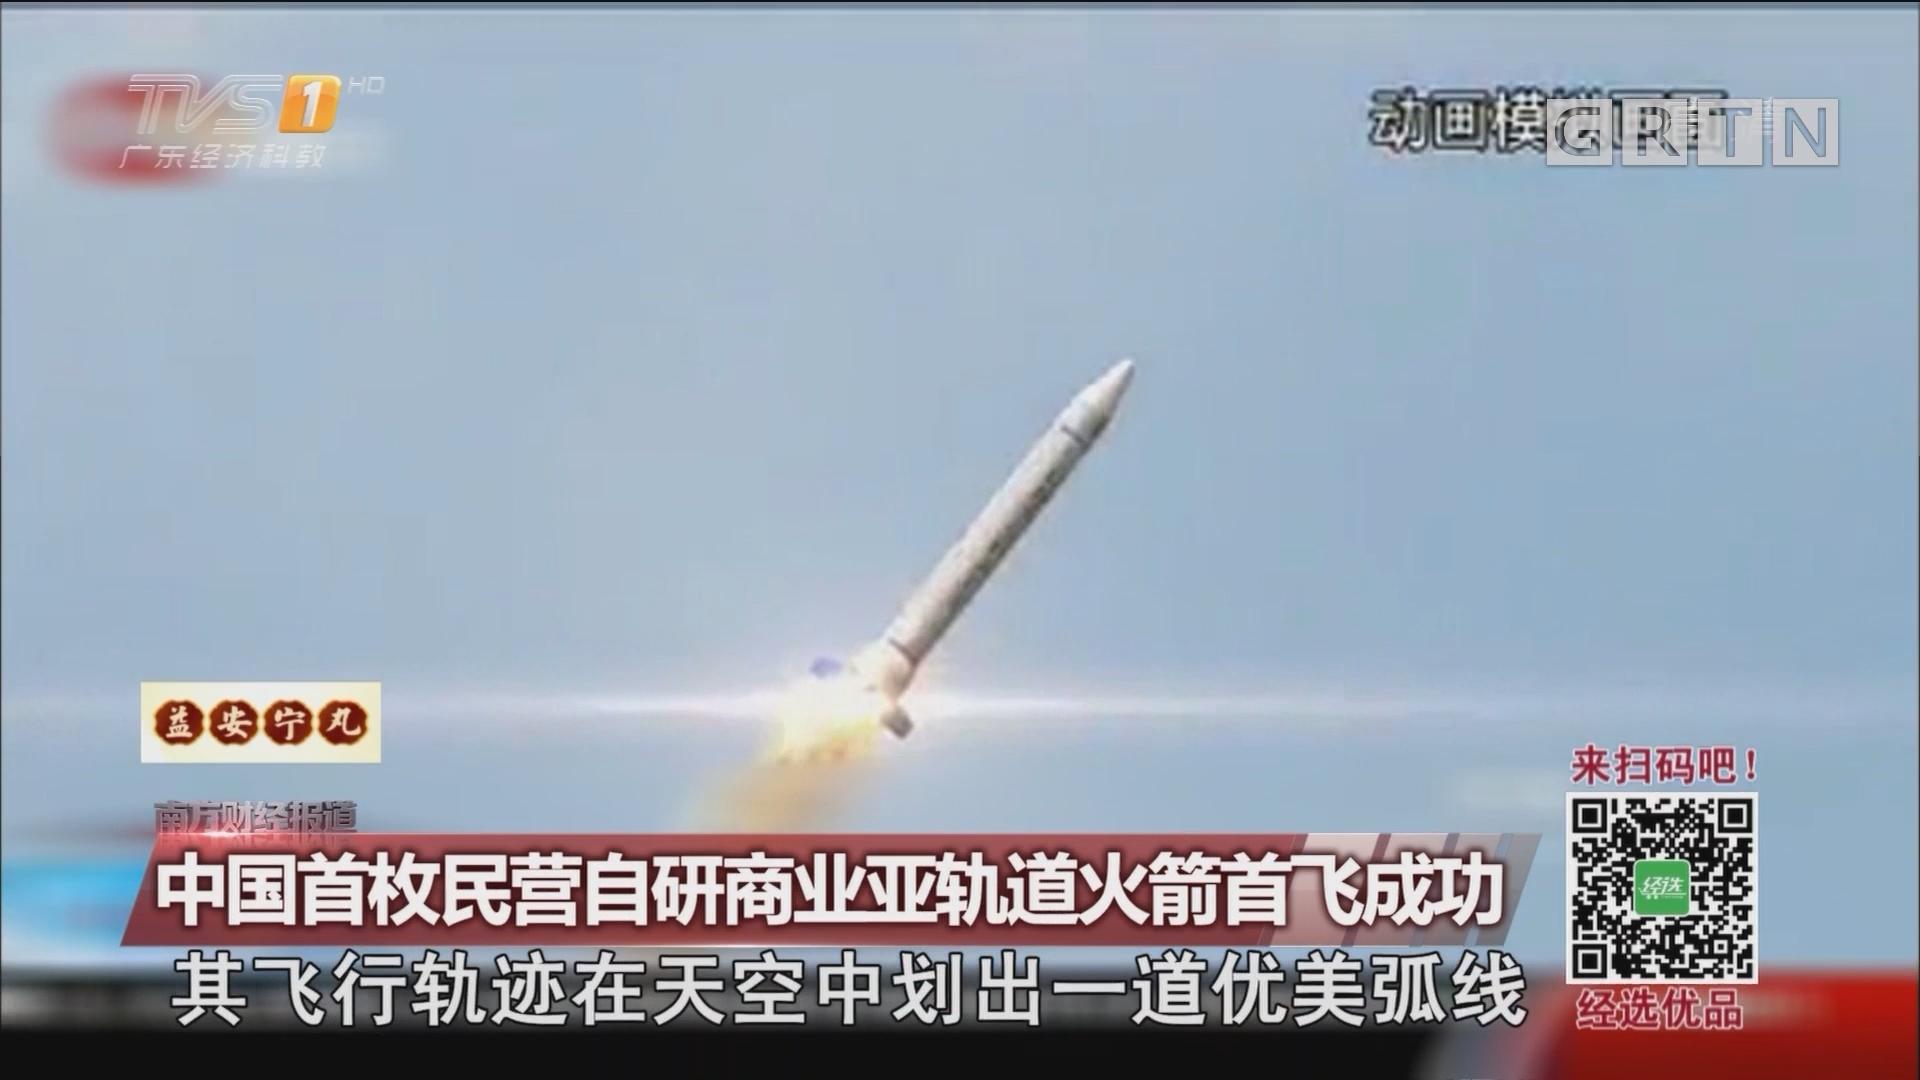 中国首枚民营自研商业亚轨道火箭首飞成功